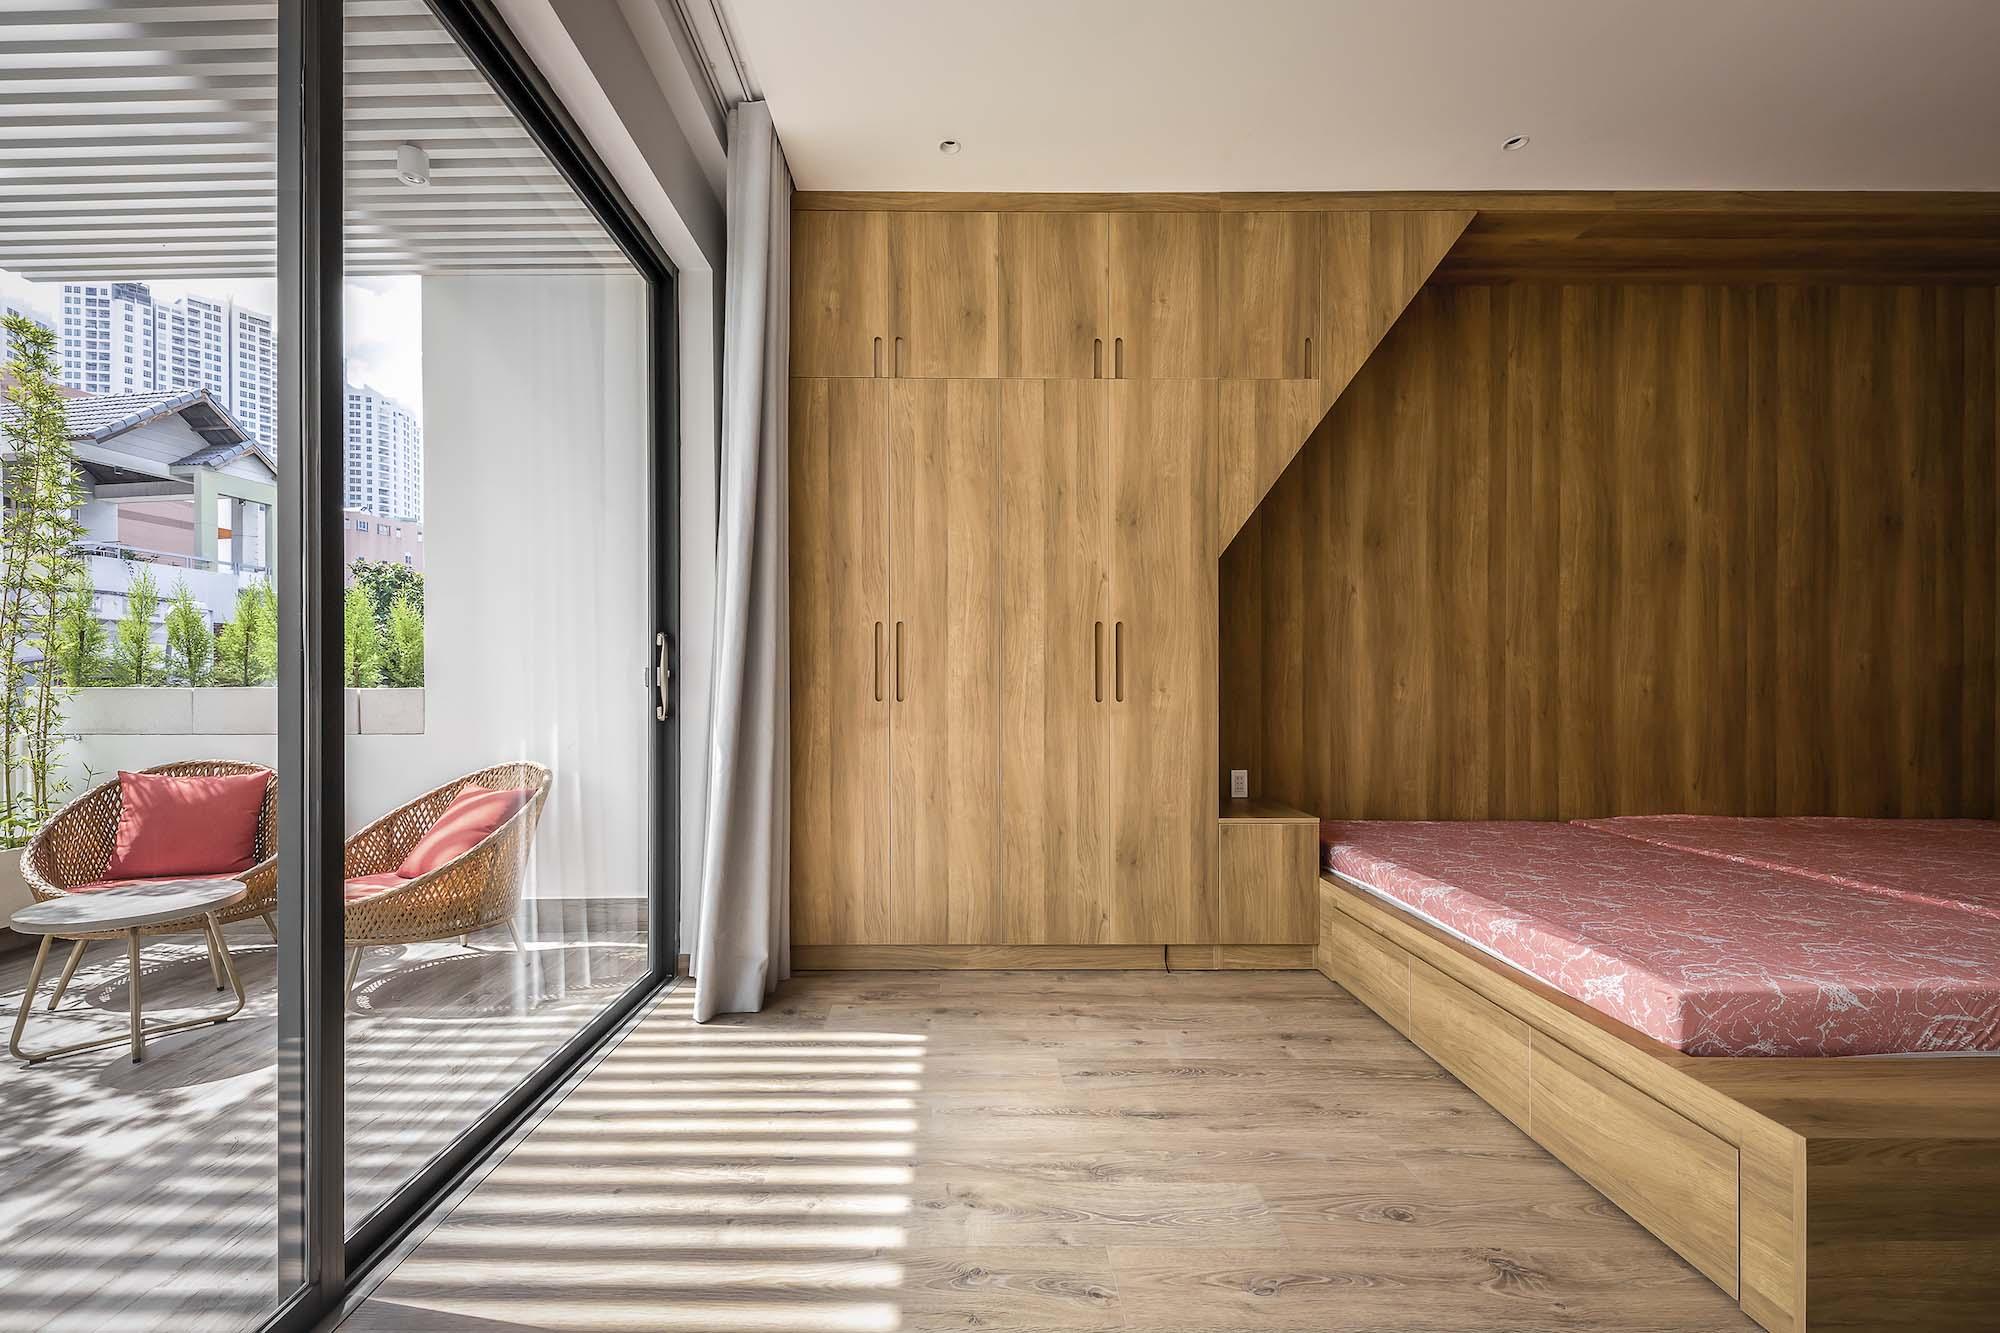 Phòng ngủ bố mẹ kết nối trực tiếp với ban công trước nhà.